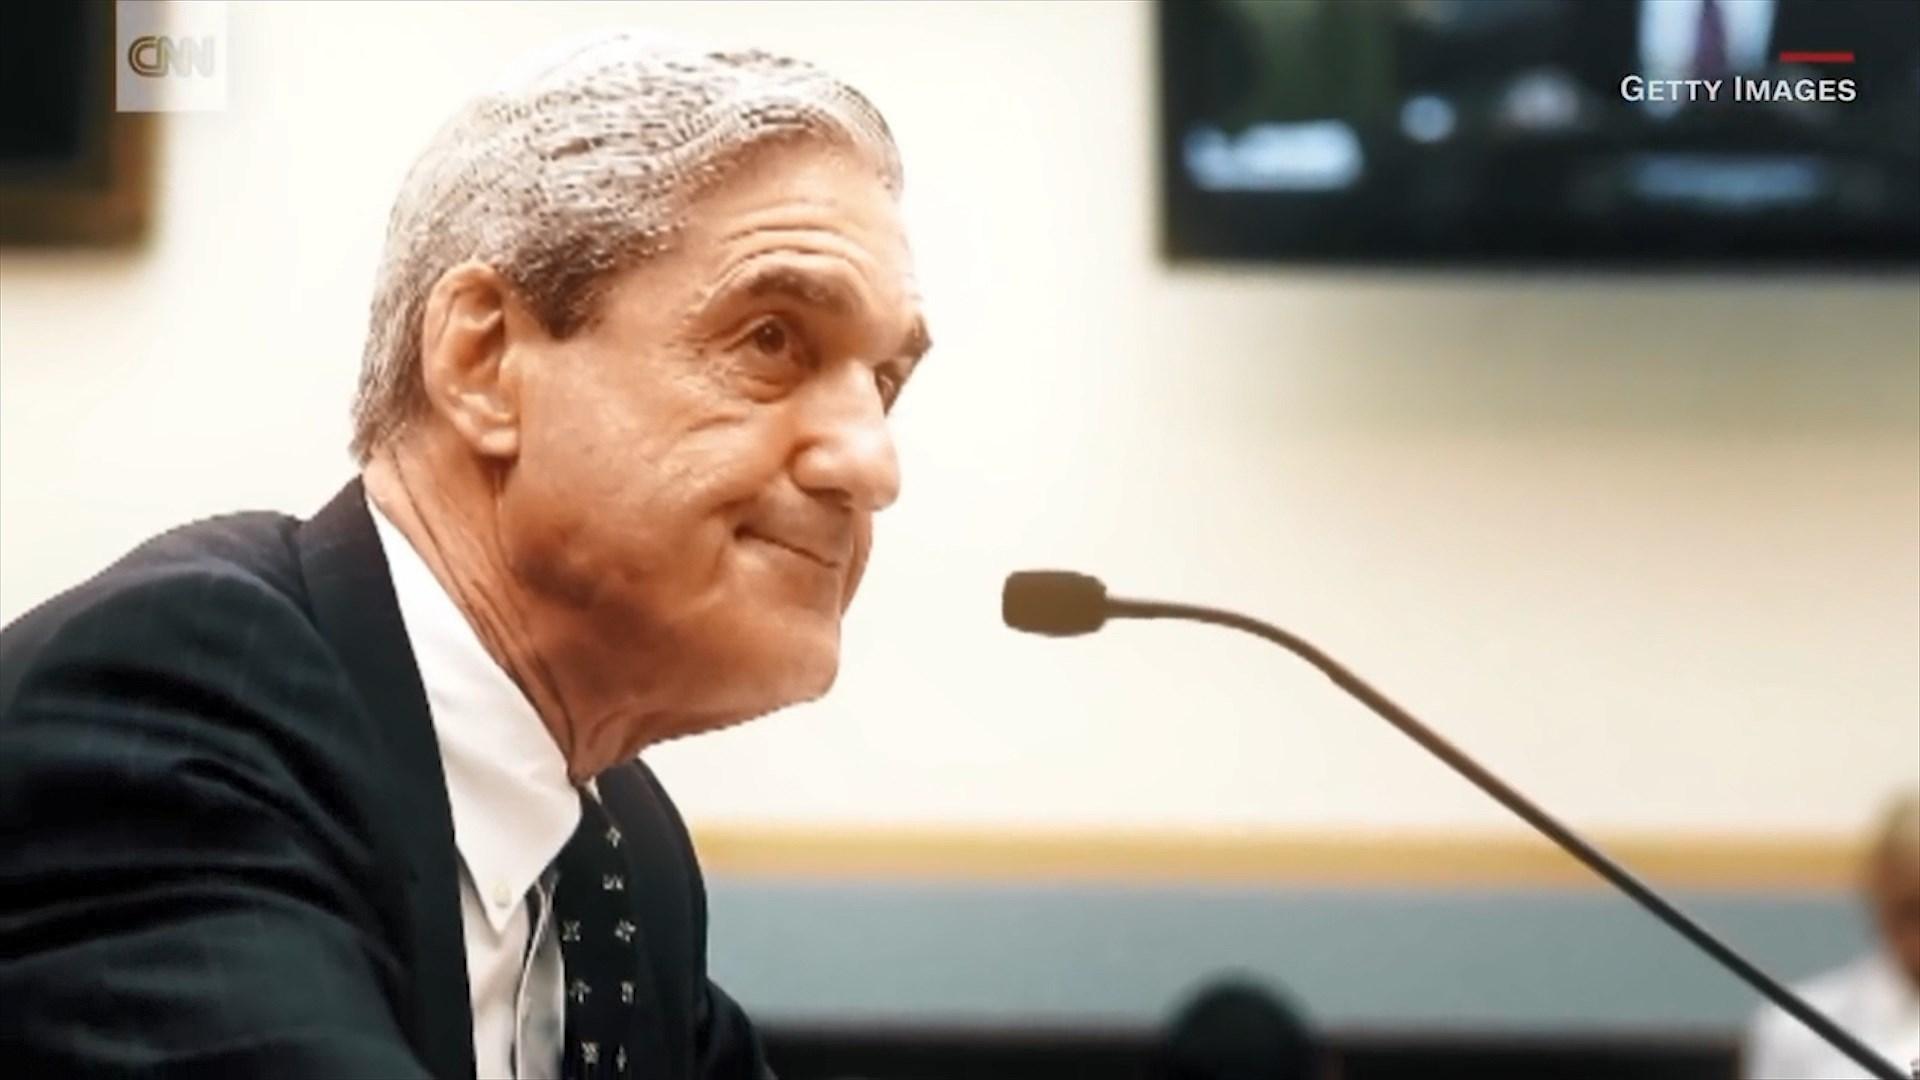 SHBA, të enjten publikohet raporti Mueller i redaktuar